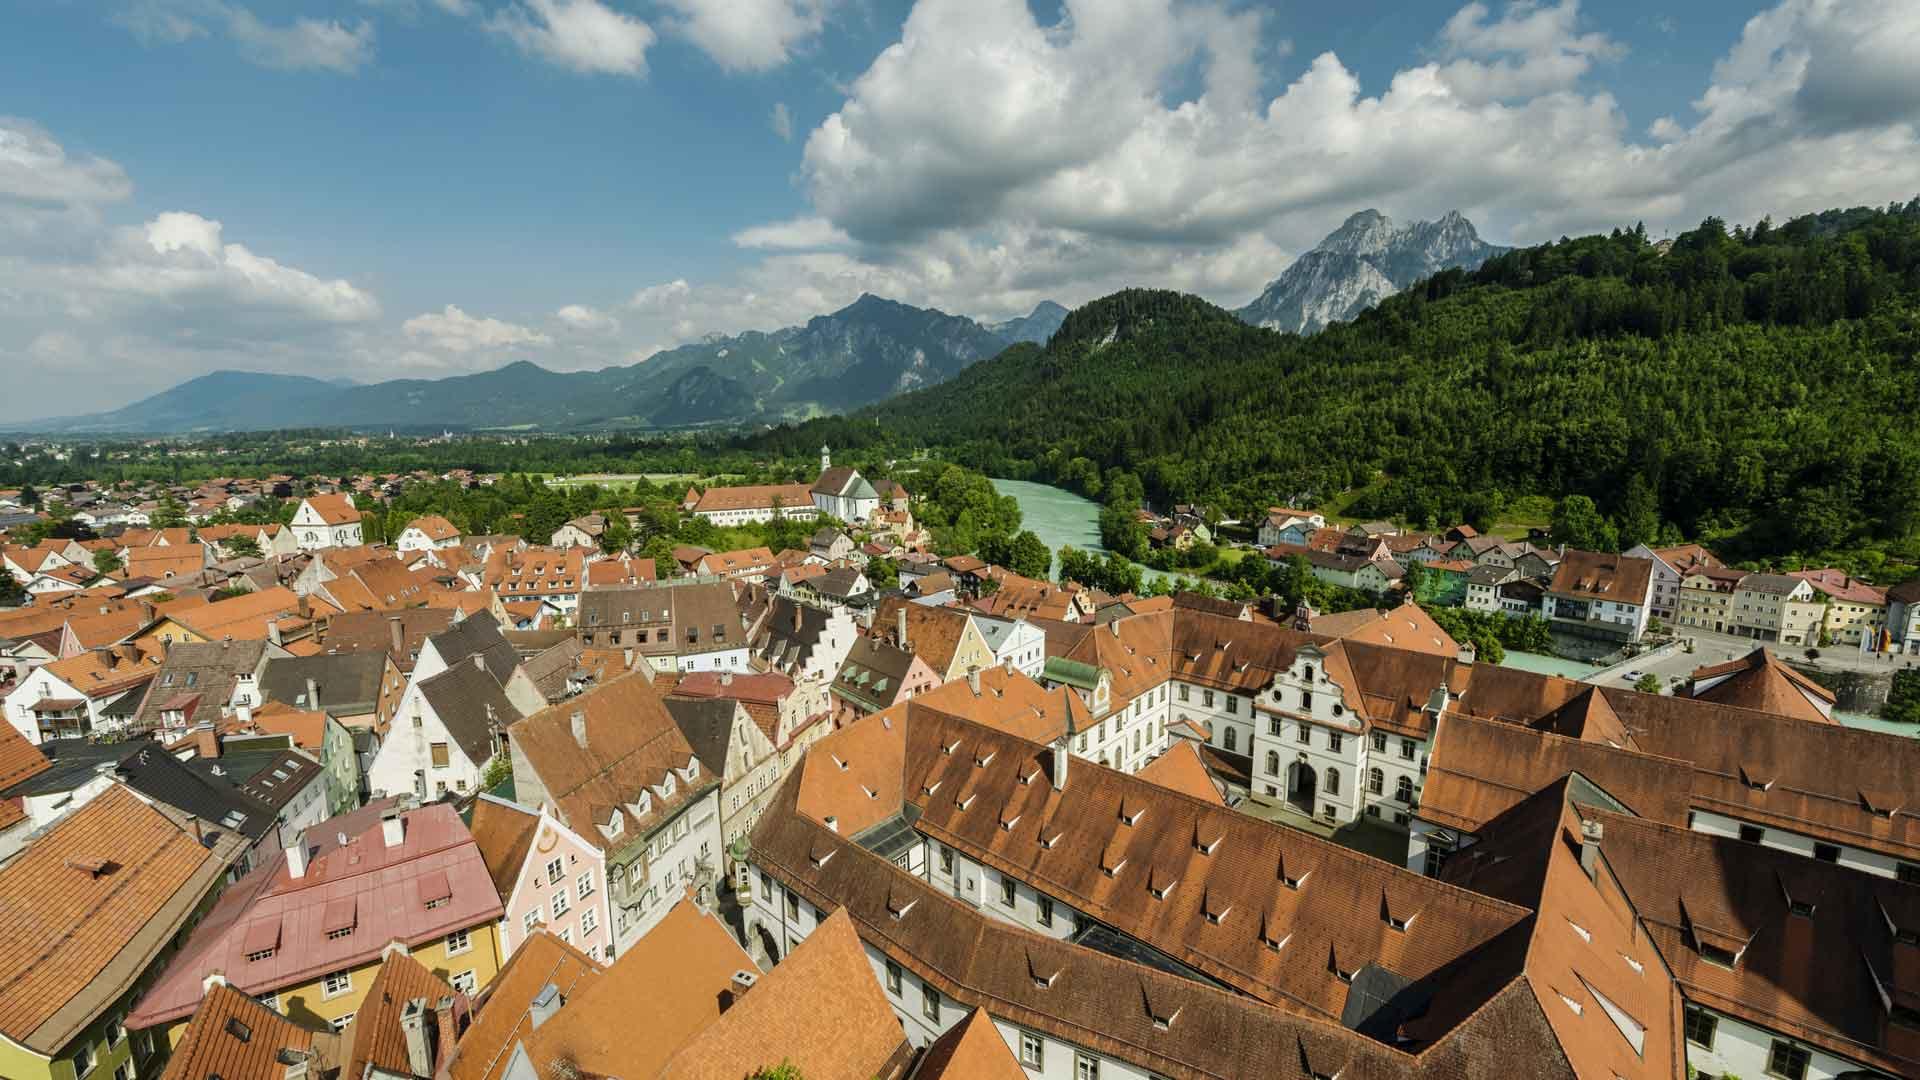 Uitzicht over de daken van Füssen en rivier de Lech.